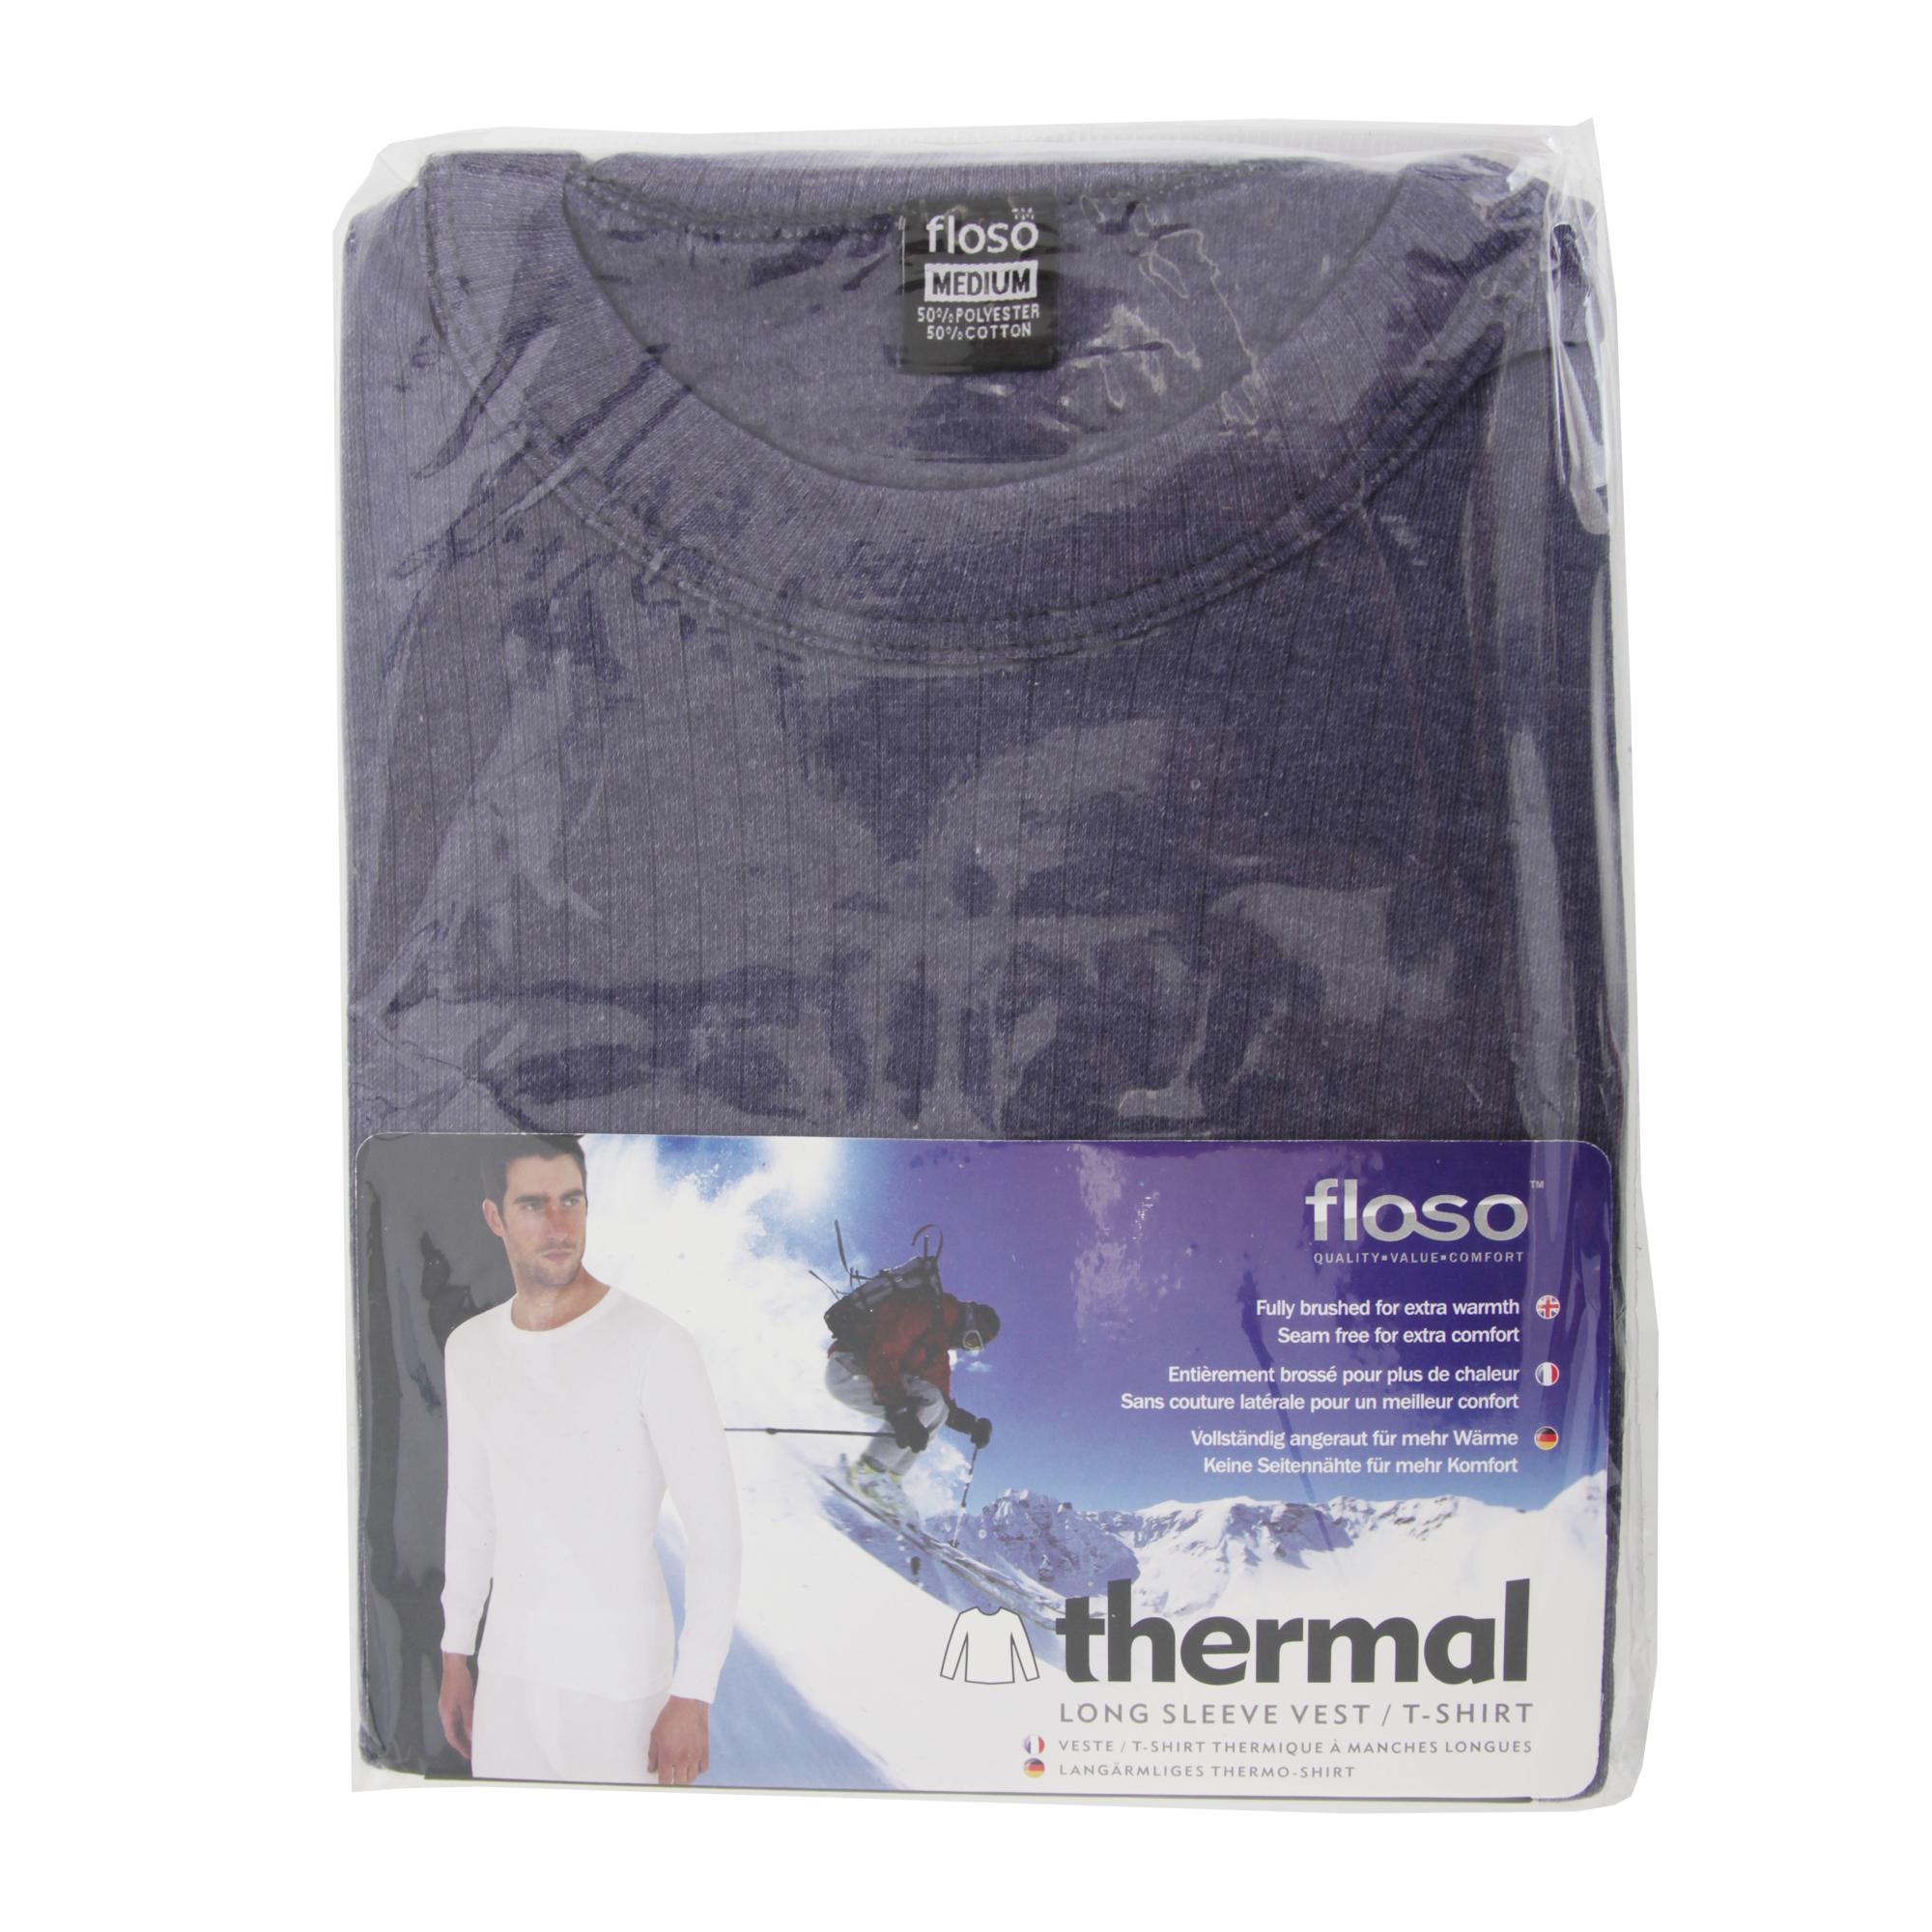 Floso mens thermal underwear long sleeve t shirt top for Thermal t shirt long sleeve